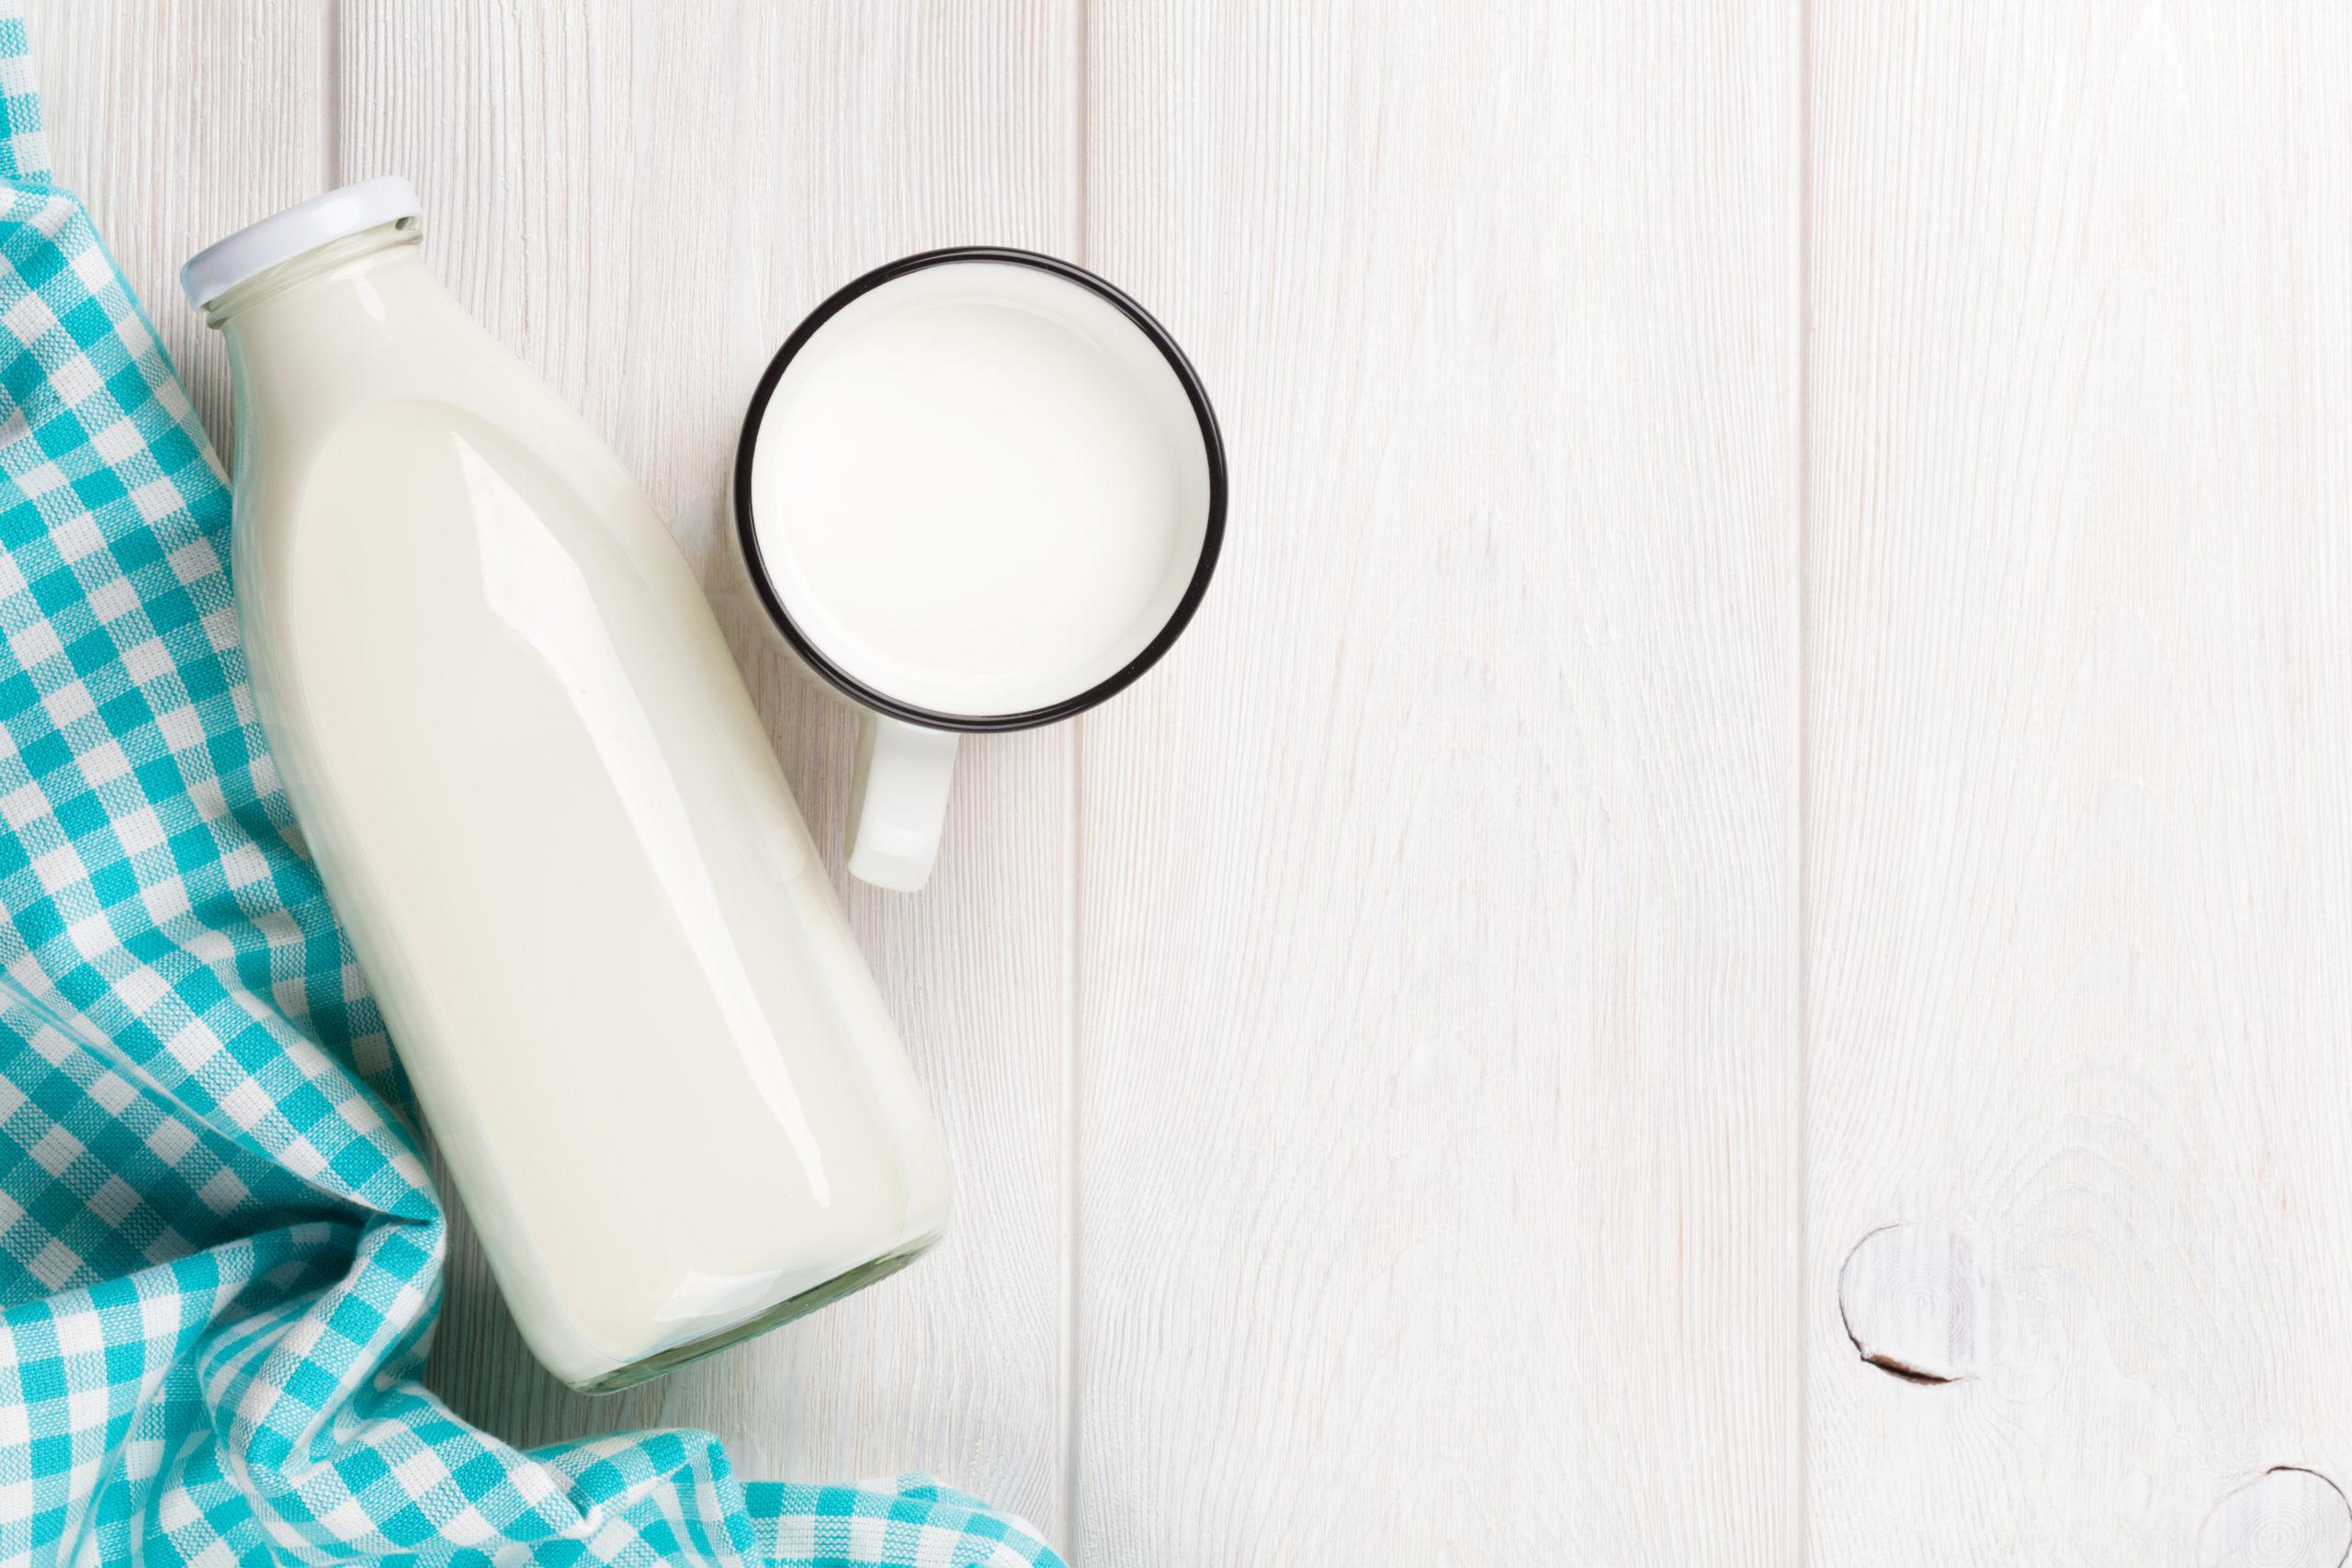 молоко для очистки дивана от чернил